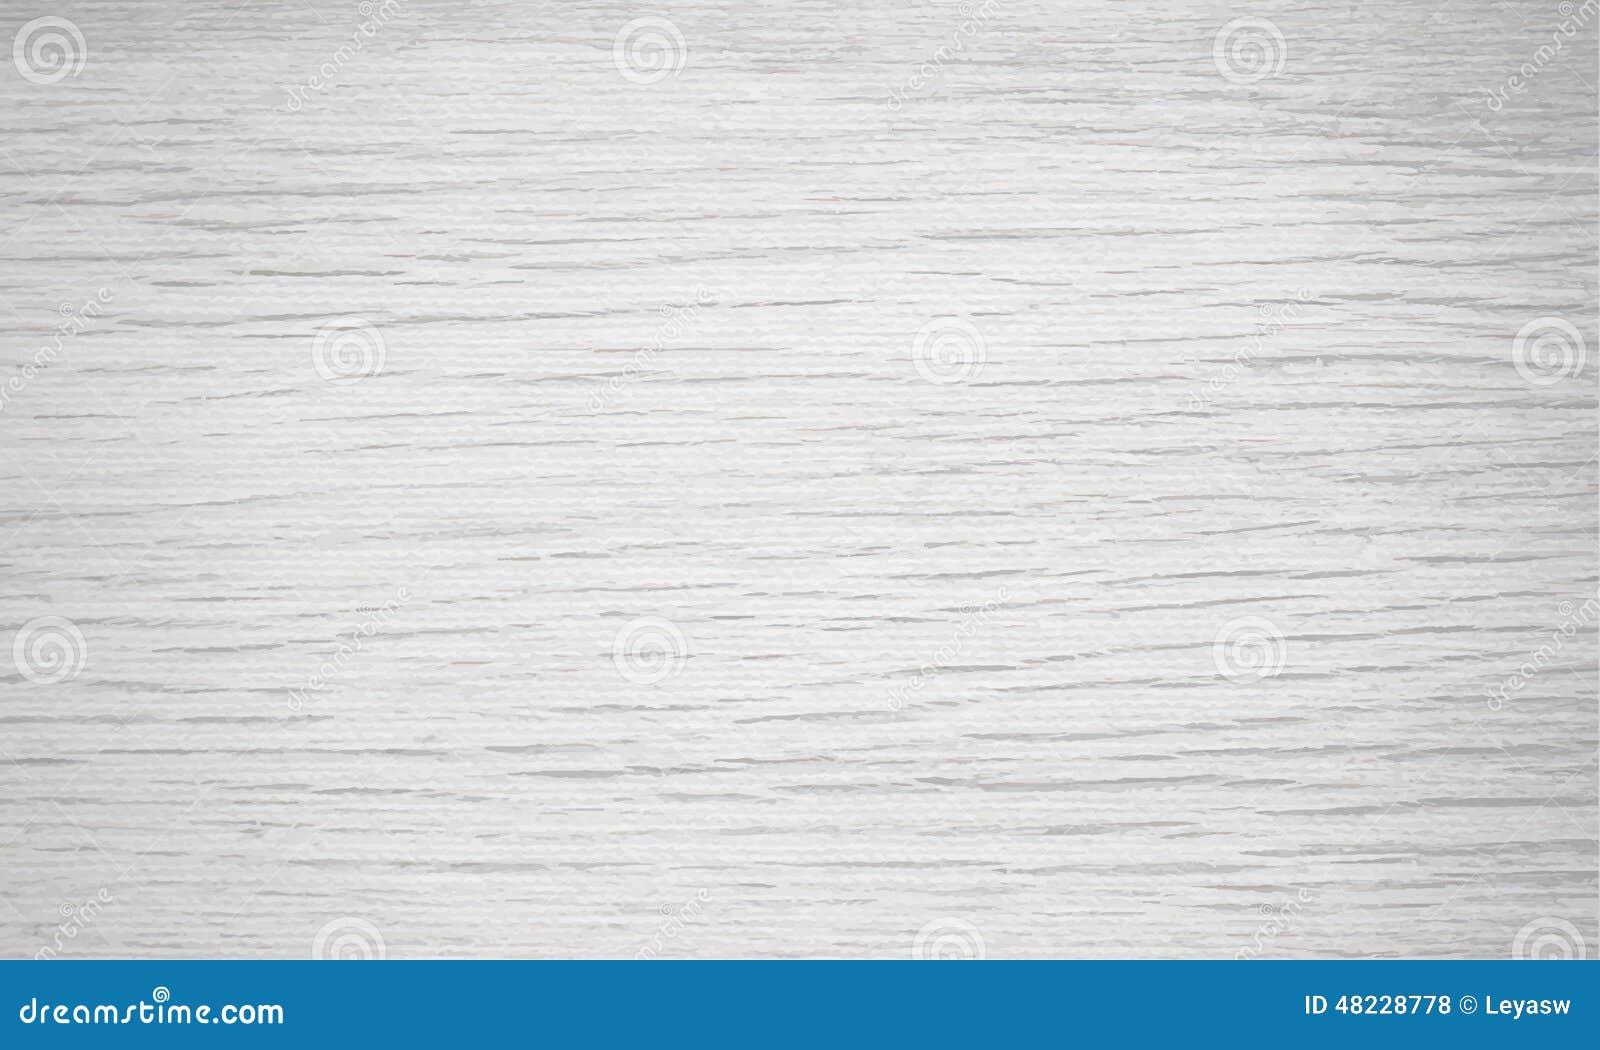 Fondo di legno grigio chiaro di struttura modello naturale for Legno chiaro texture